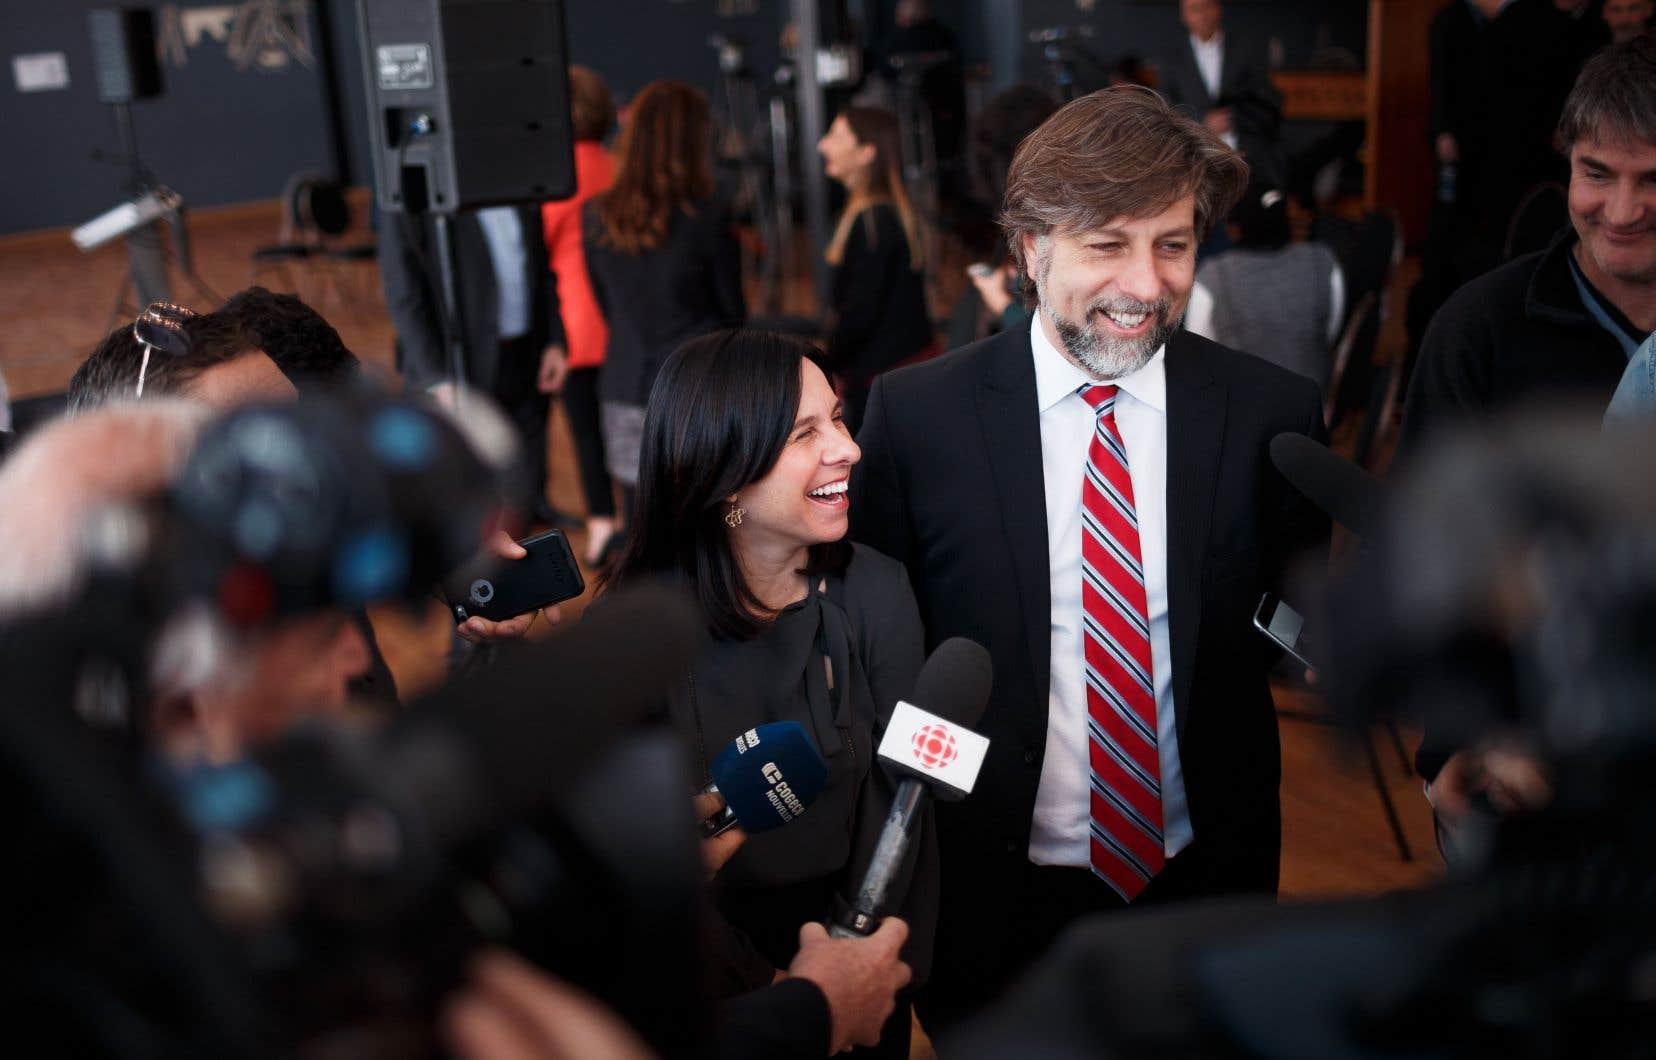 La mairesse de Montréal, Valérie Plante, aux côtés du maire démissionnaire de l'arrondissement du Plateau-Mont-Royal, Luc Ferrandez, en février 2018